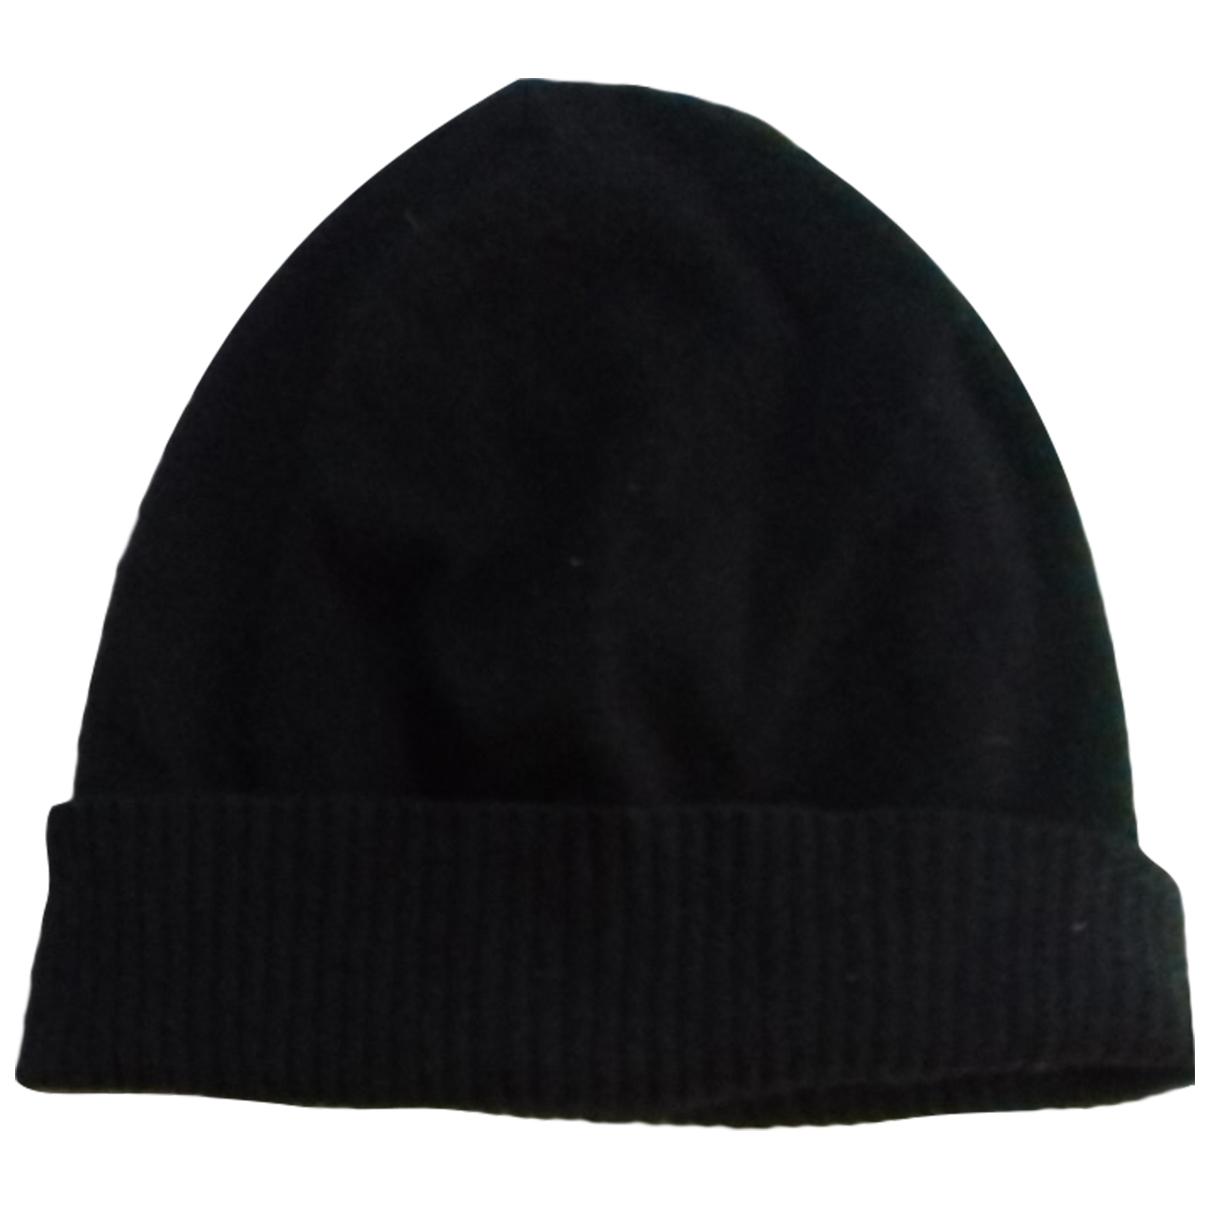 Maison Martin Margiela - Chapeau & Bonnets   pour homme en cachemire - noir